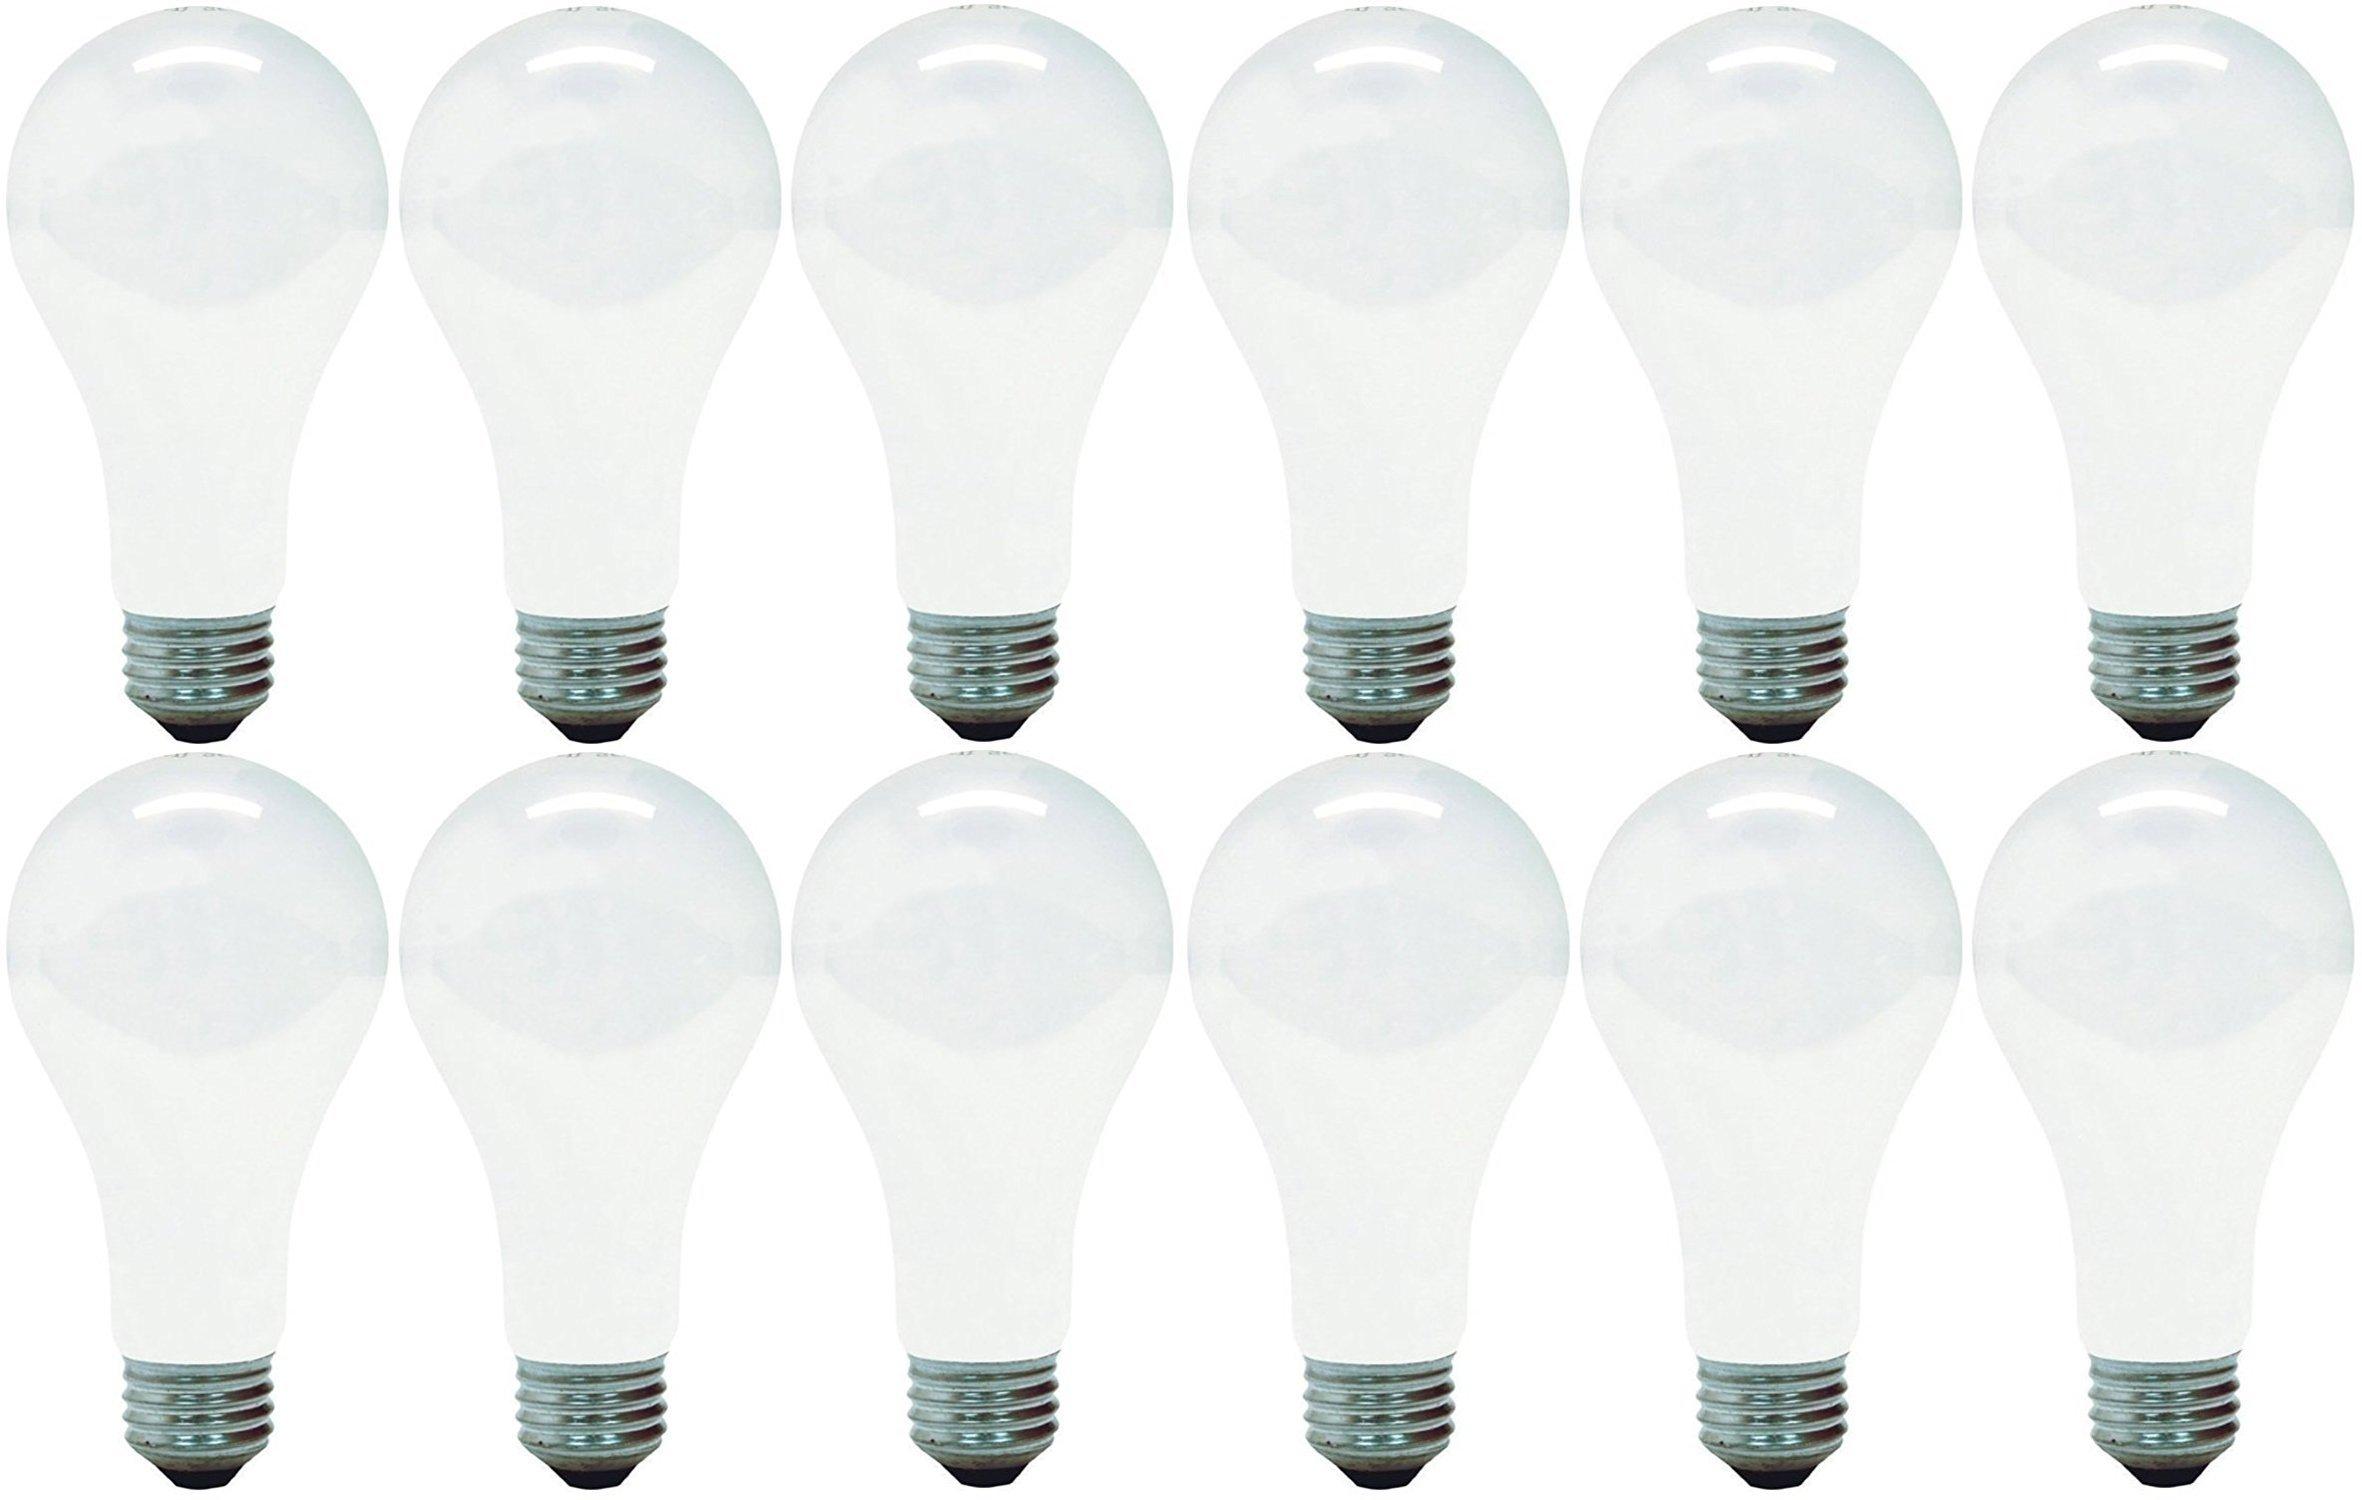 GE Lighting 11585 Soft White 200-Watt A21 Light Bulb with Medium Base, 12-Pack